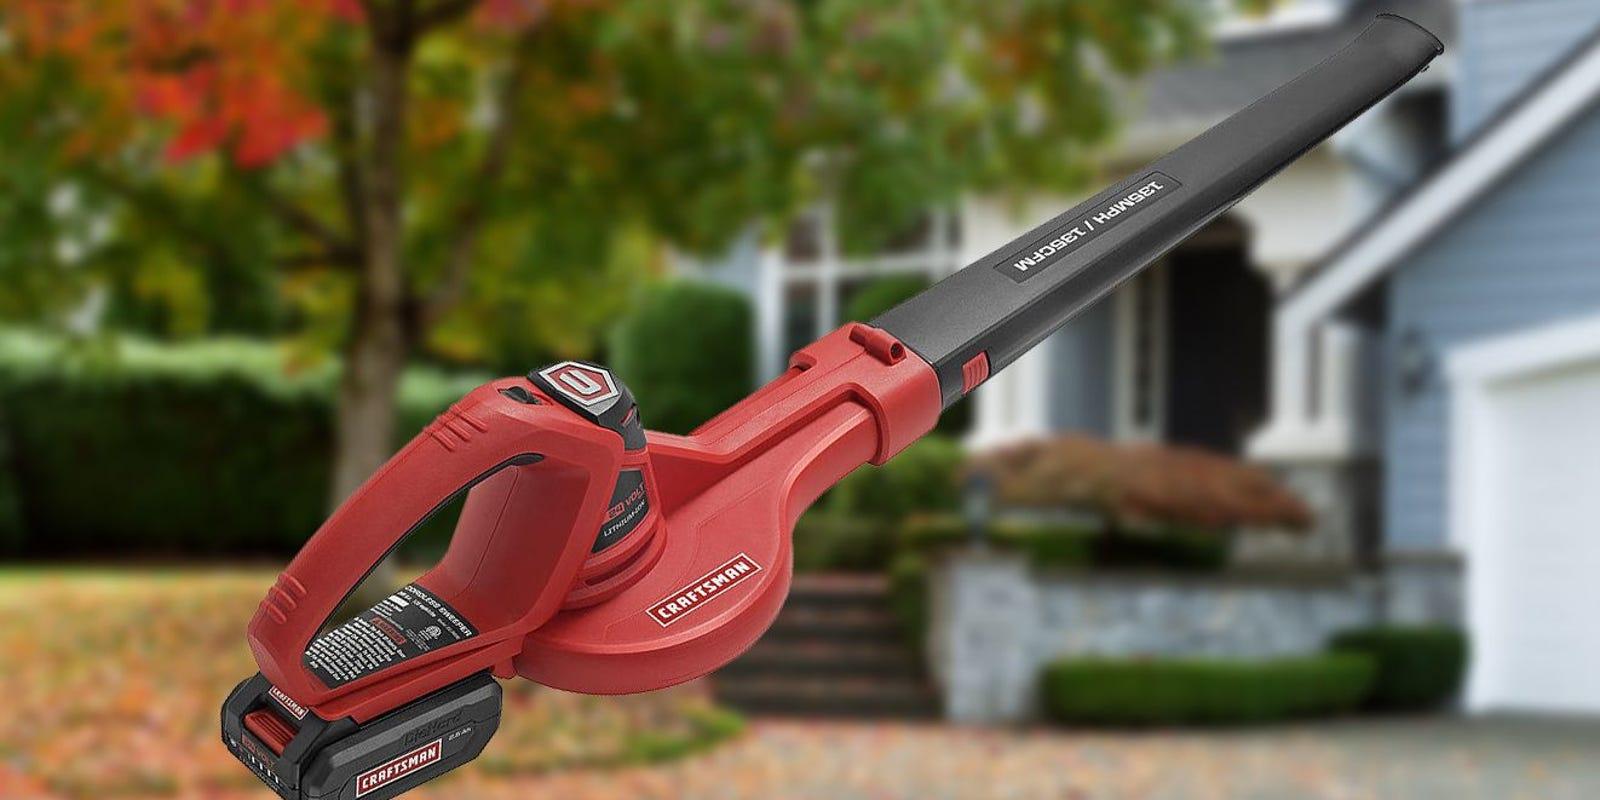 Top 5 Craftsman Leaf Blowers